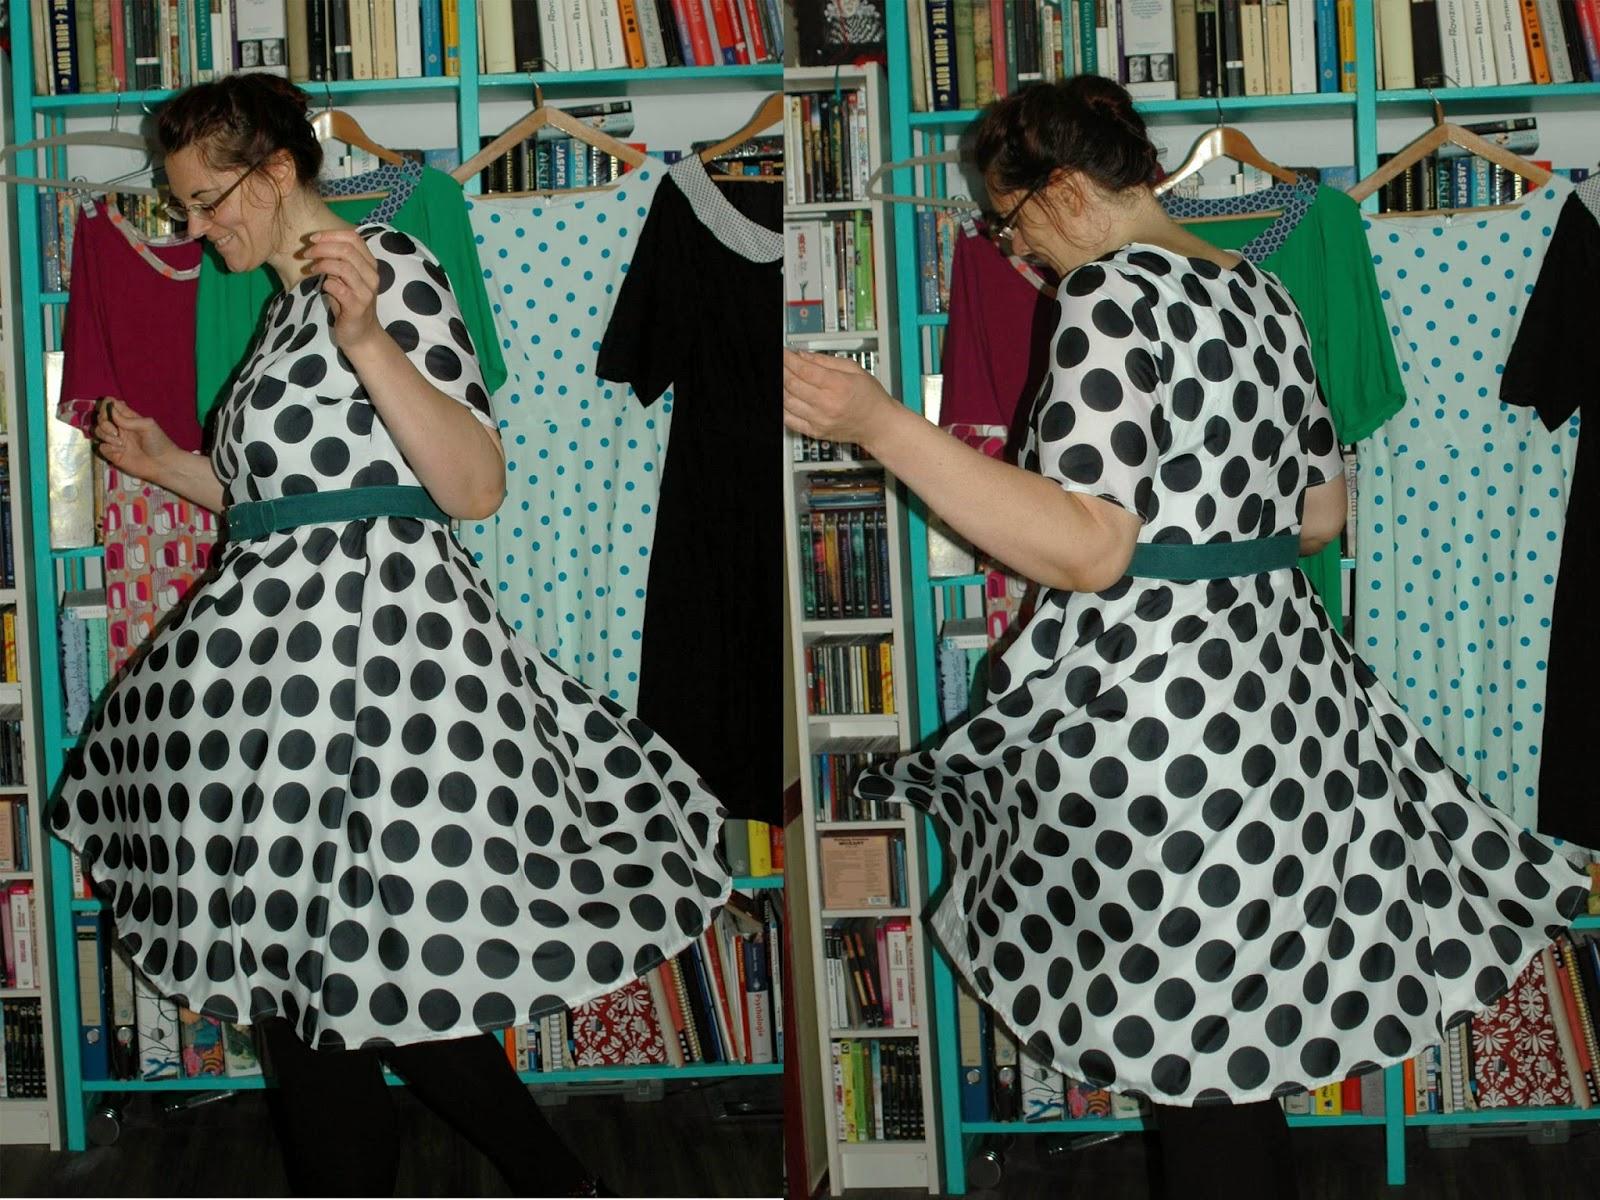 http://morvenshandmades.blogspot.de/2014/09/ginormous-polkadots-dress.html